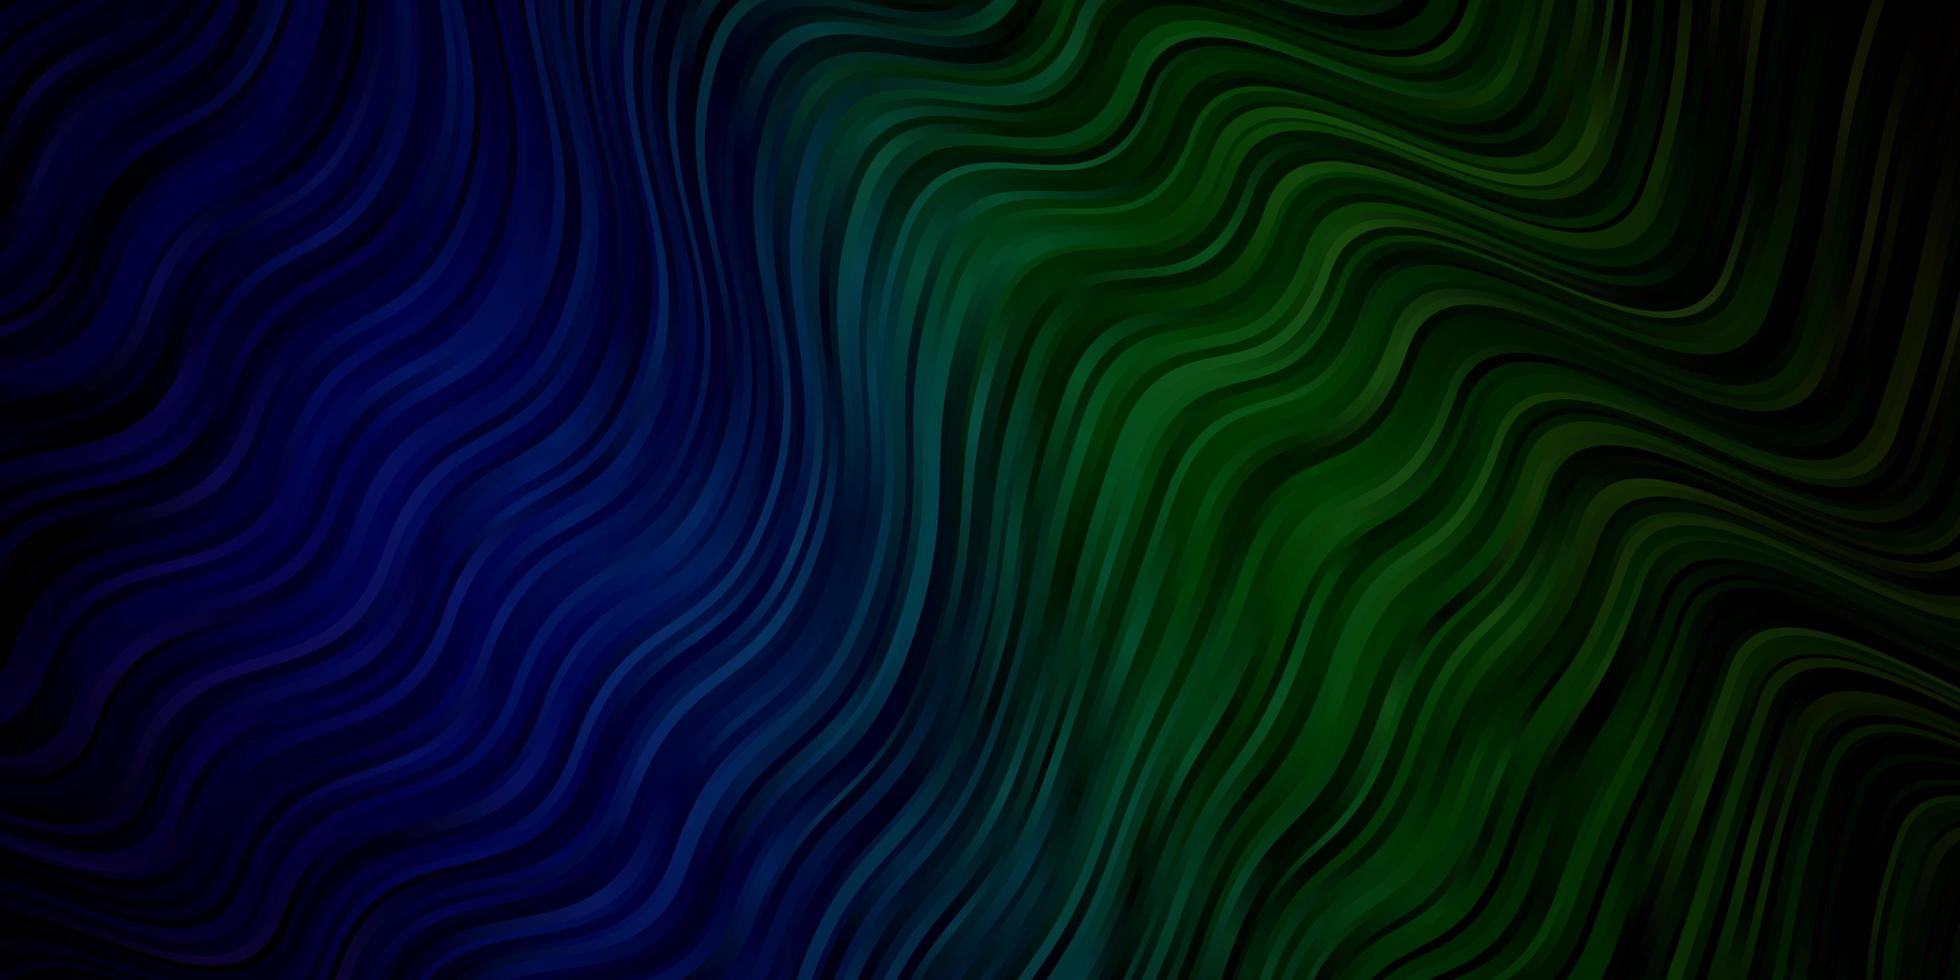 textura vector azul, verde claro com arco circular.